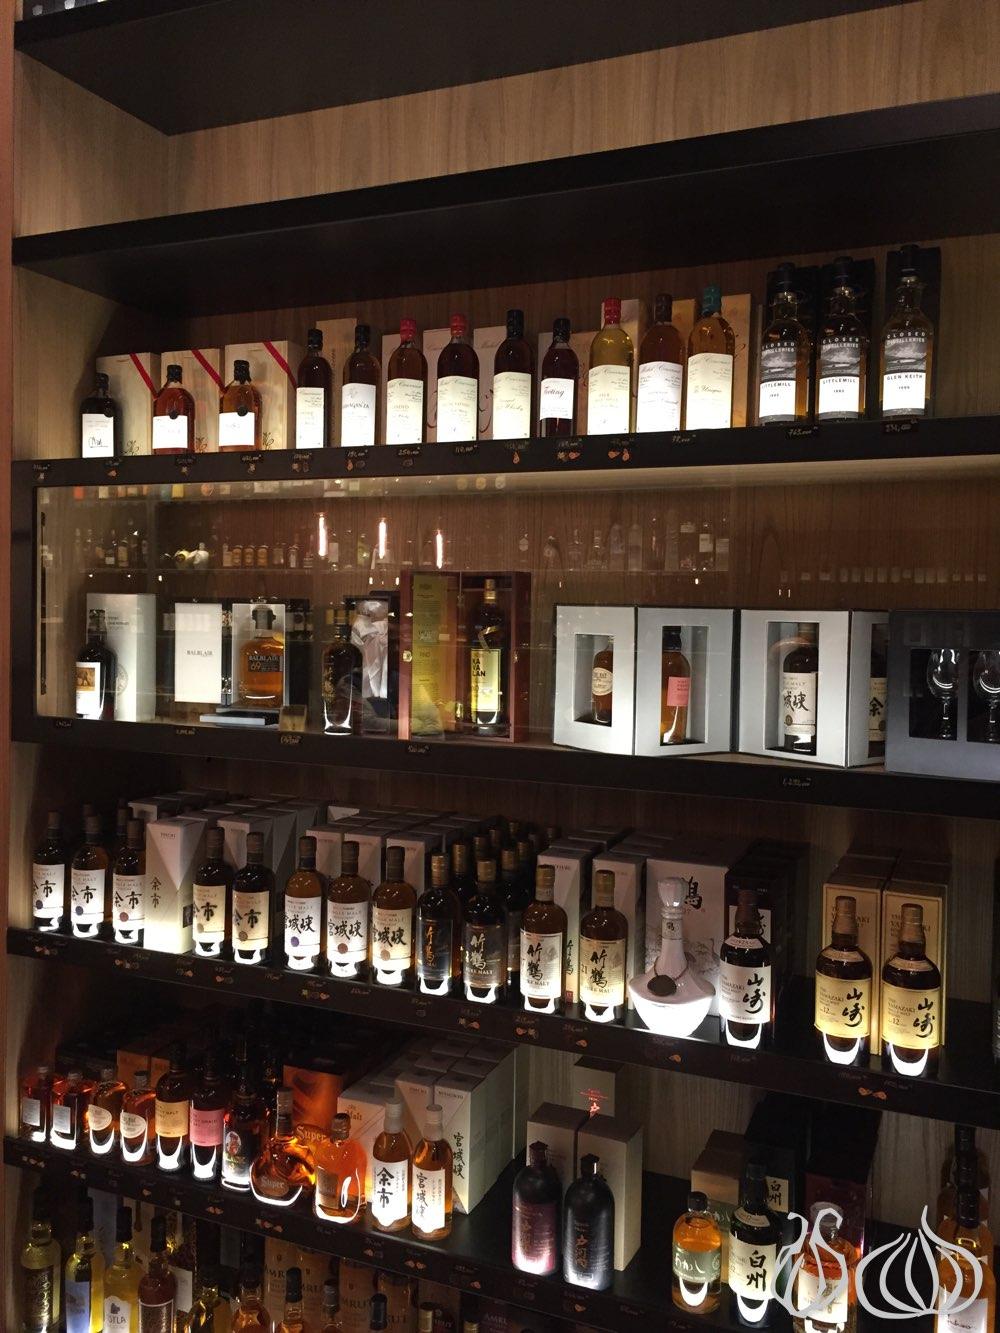 pierres a whisky nicolas